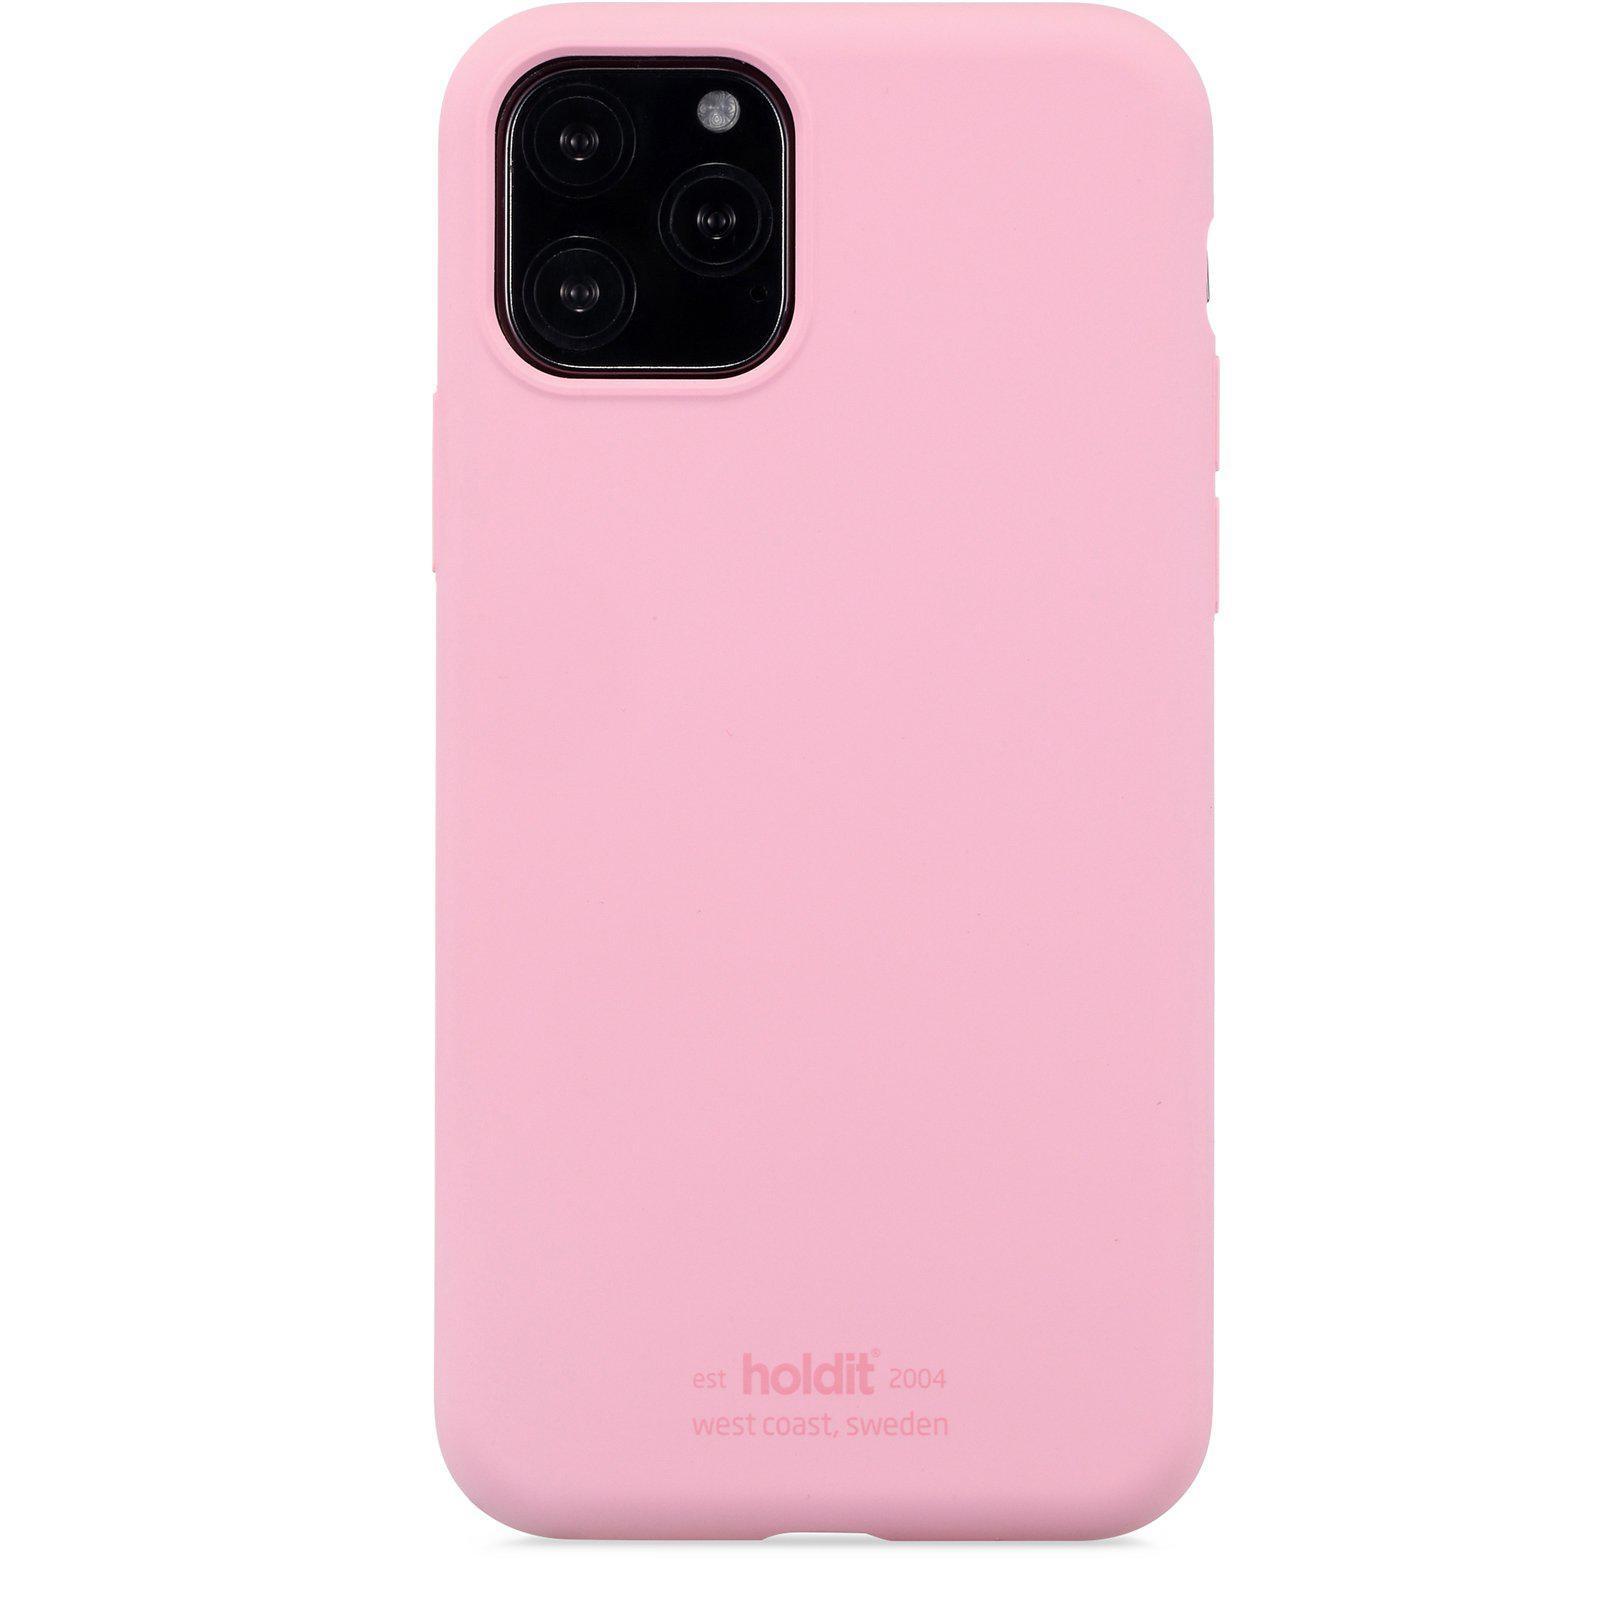 Silikonikuori iPhone 11 Pro/XS/X Pink